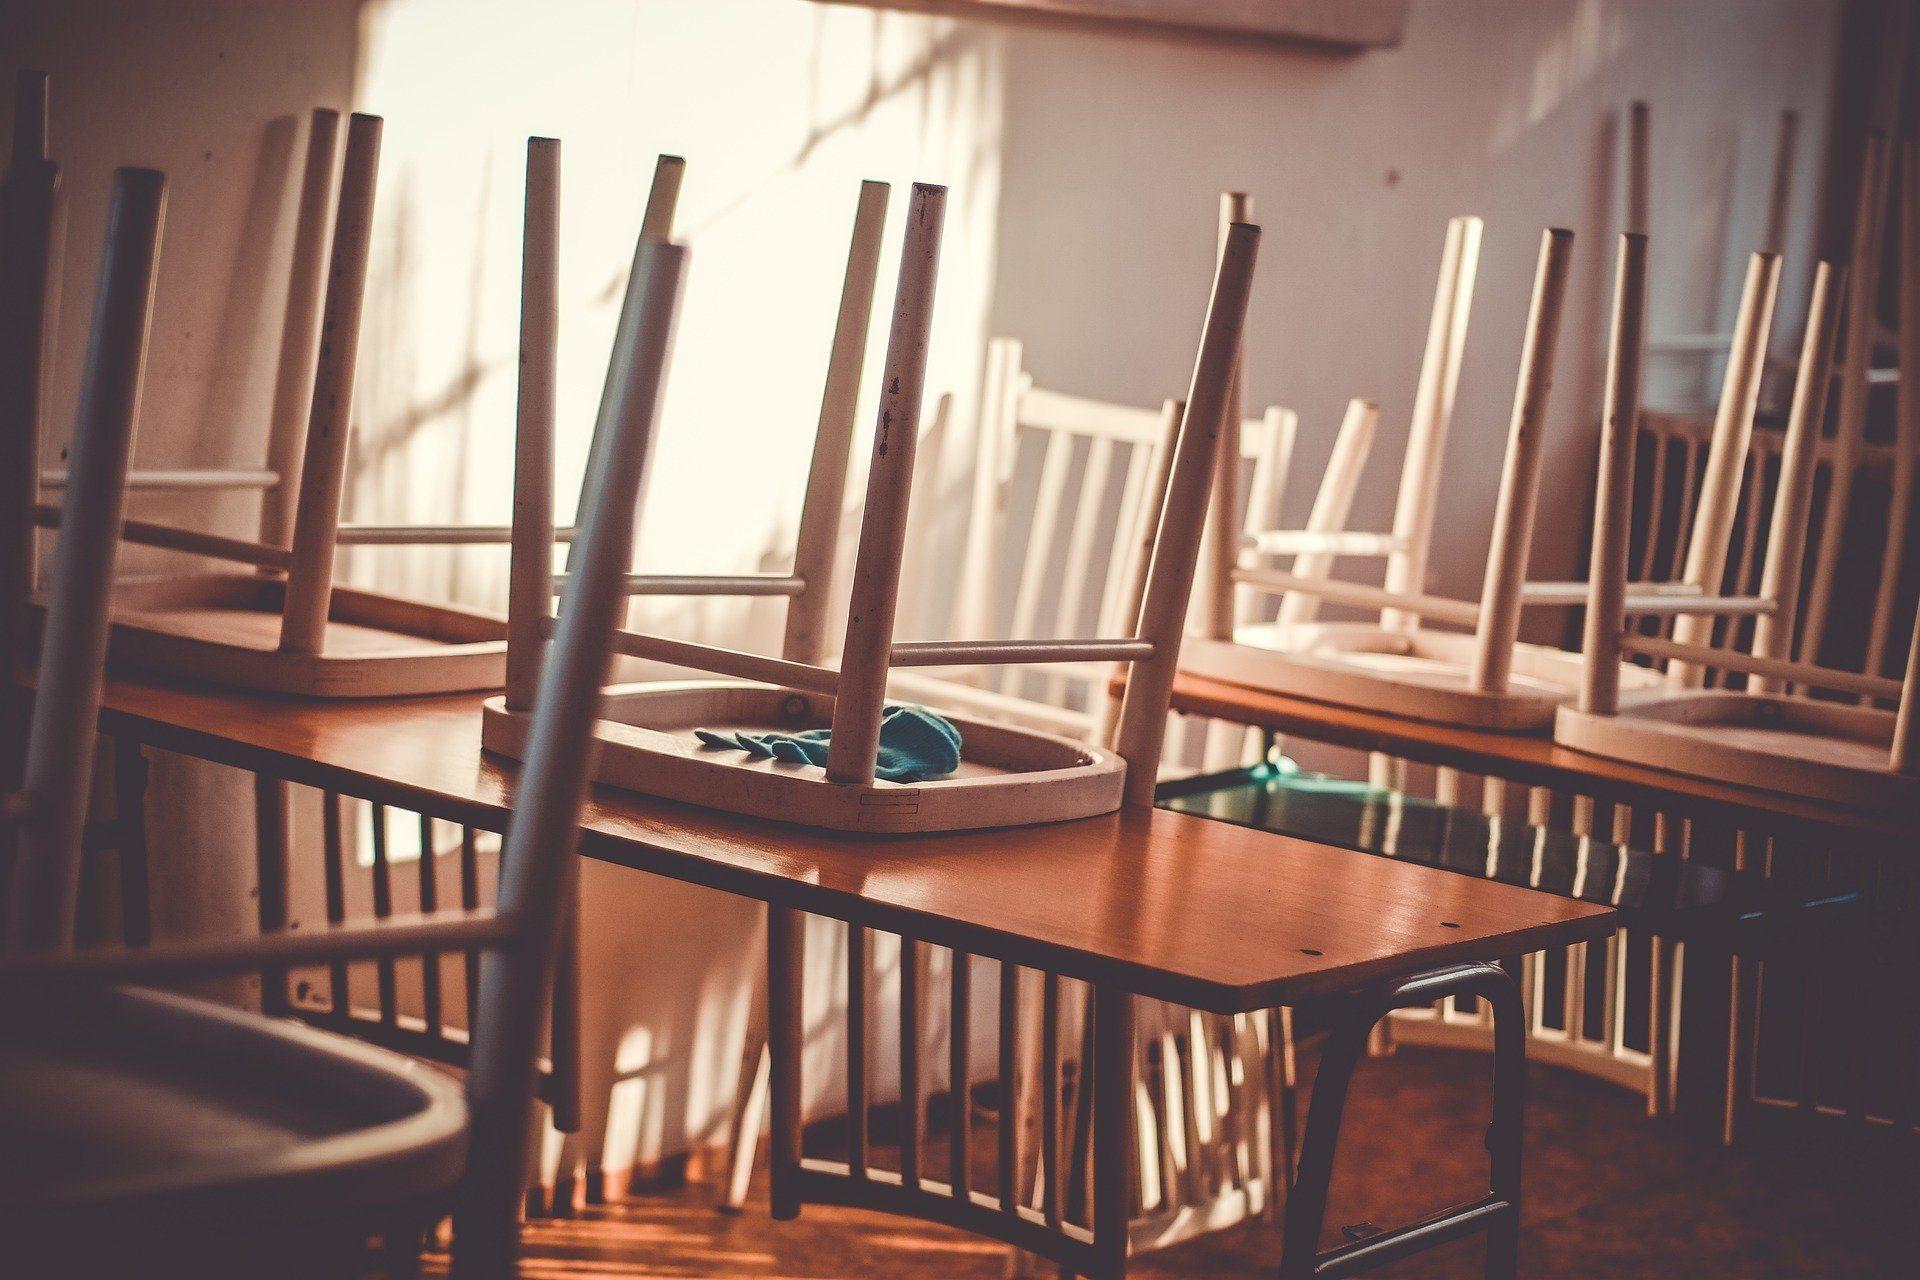 Es sind mehrere Schreibtische mit aufgestuhlten Stühlen hintereinander gereiht.